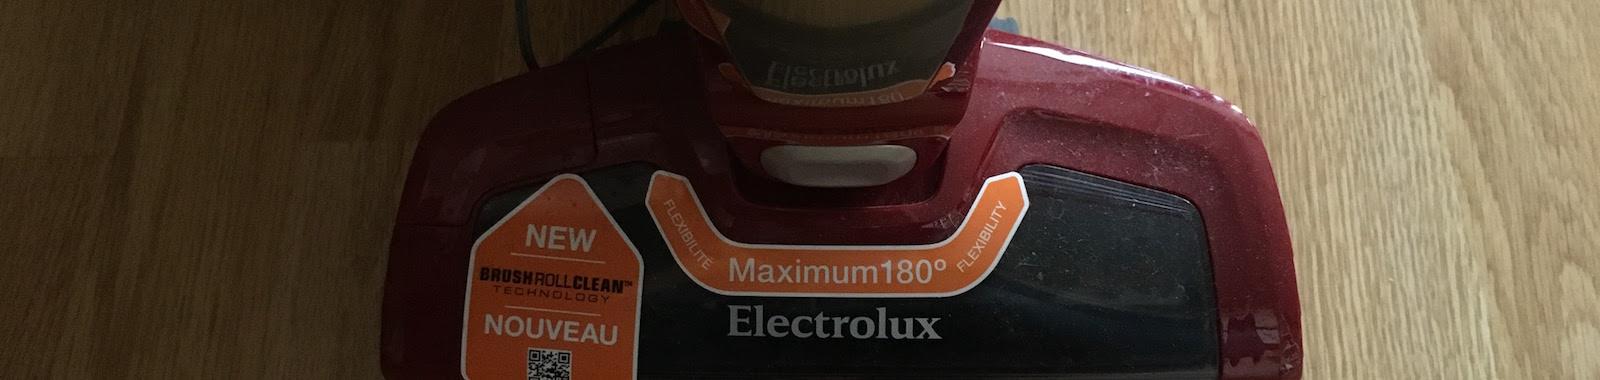 Electrolux Ergorapido vezeték nélküli porszívó